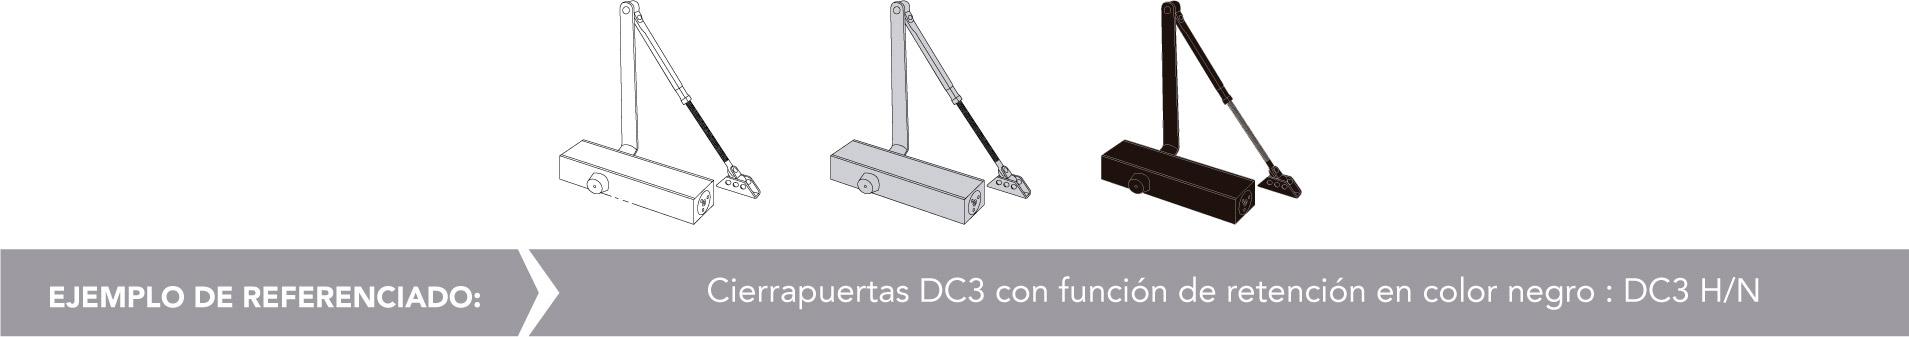 DC3_pie